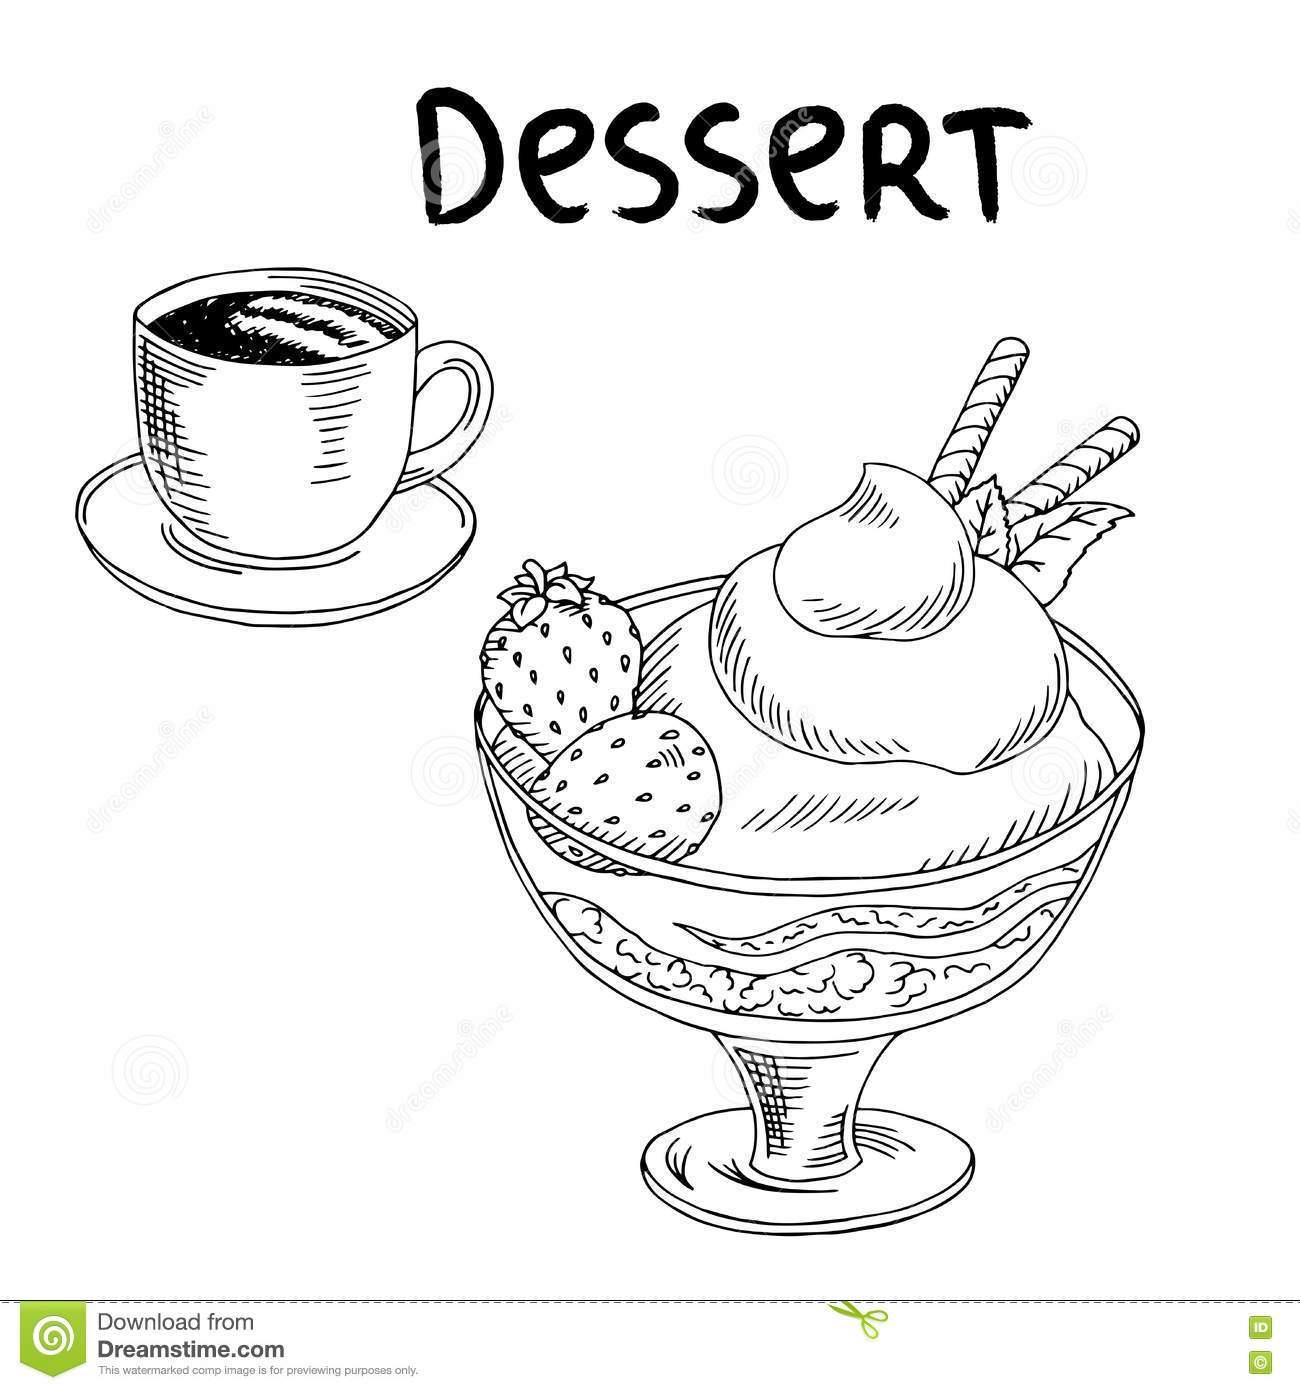 Dessert black and white clipart picture transparent download Desserts clipart black and white 2 » Clipart Portal picture transparent download